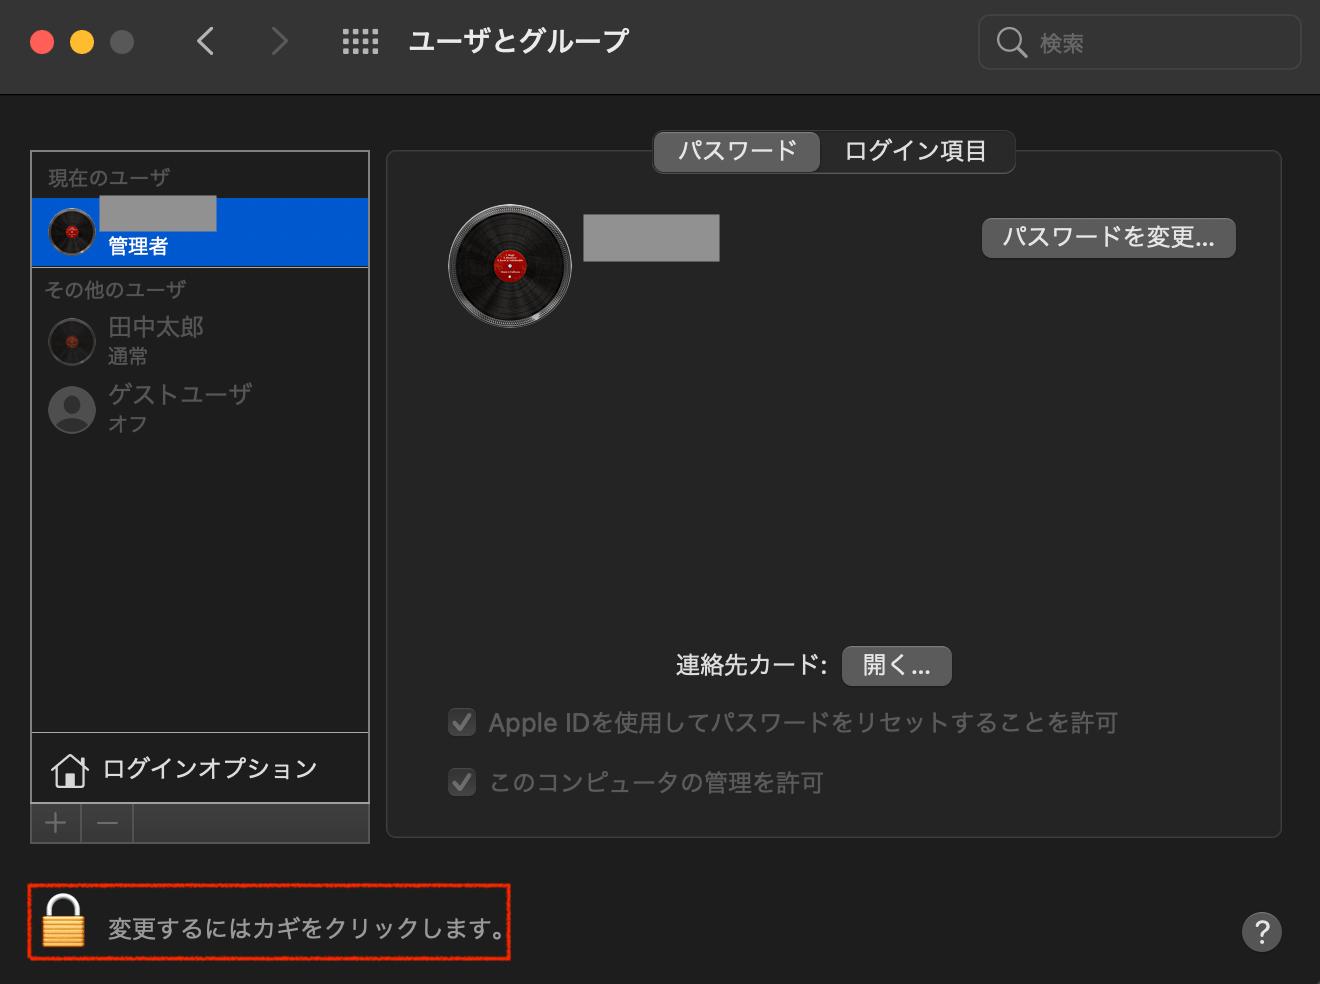 「ユーザとグループ」から画面左下の「錠前(カギ)」をクリック